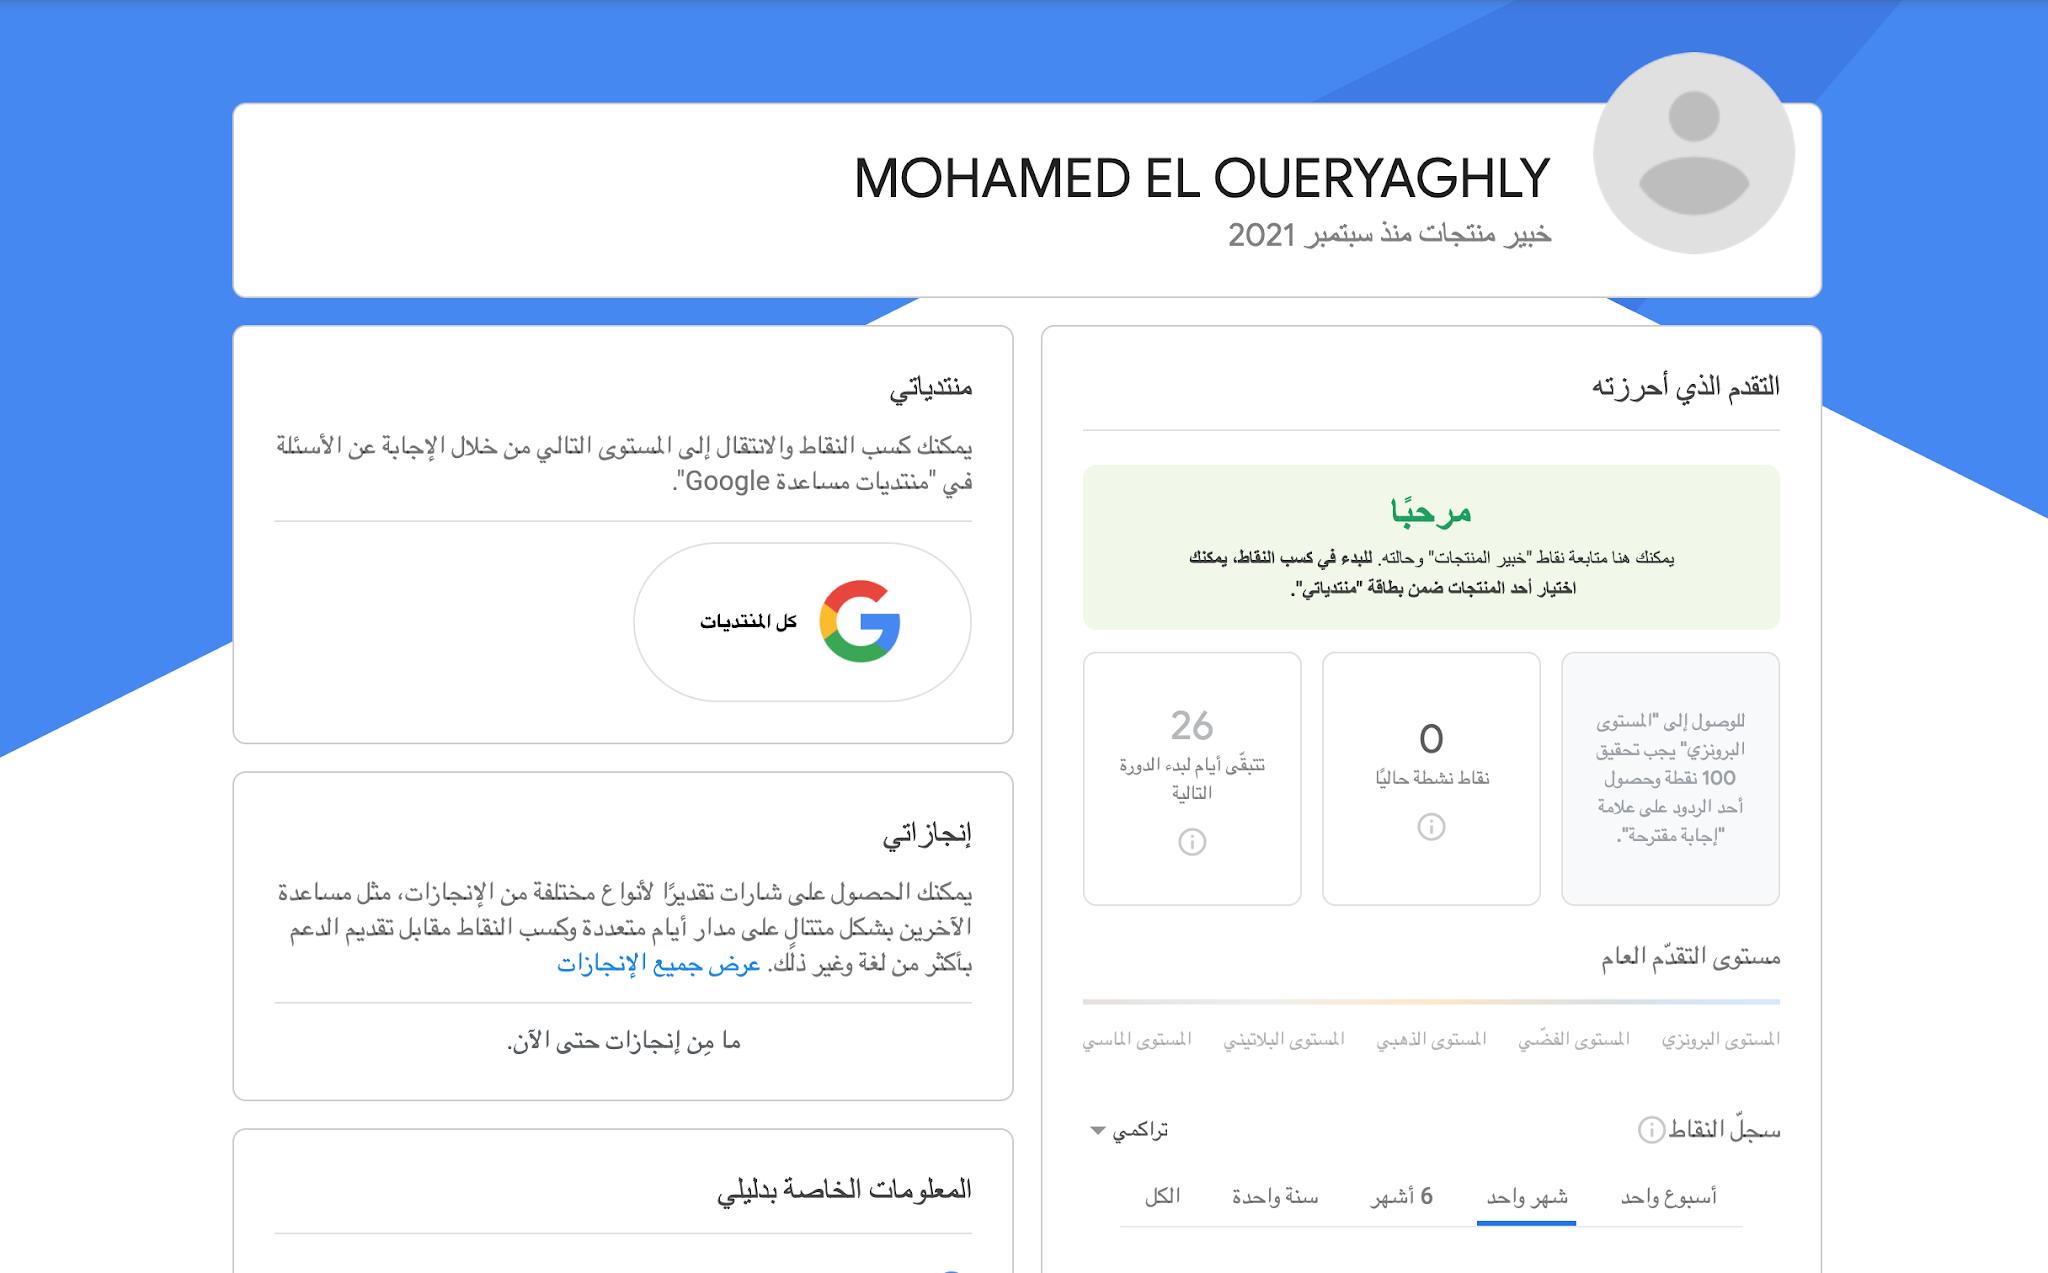 لقطة شاشة من الملف الشّخصي لبرنامج خبراء منتجات Google